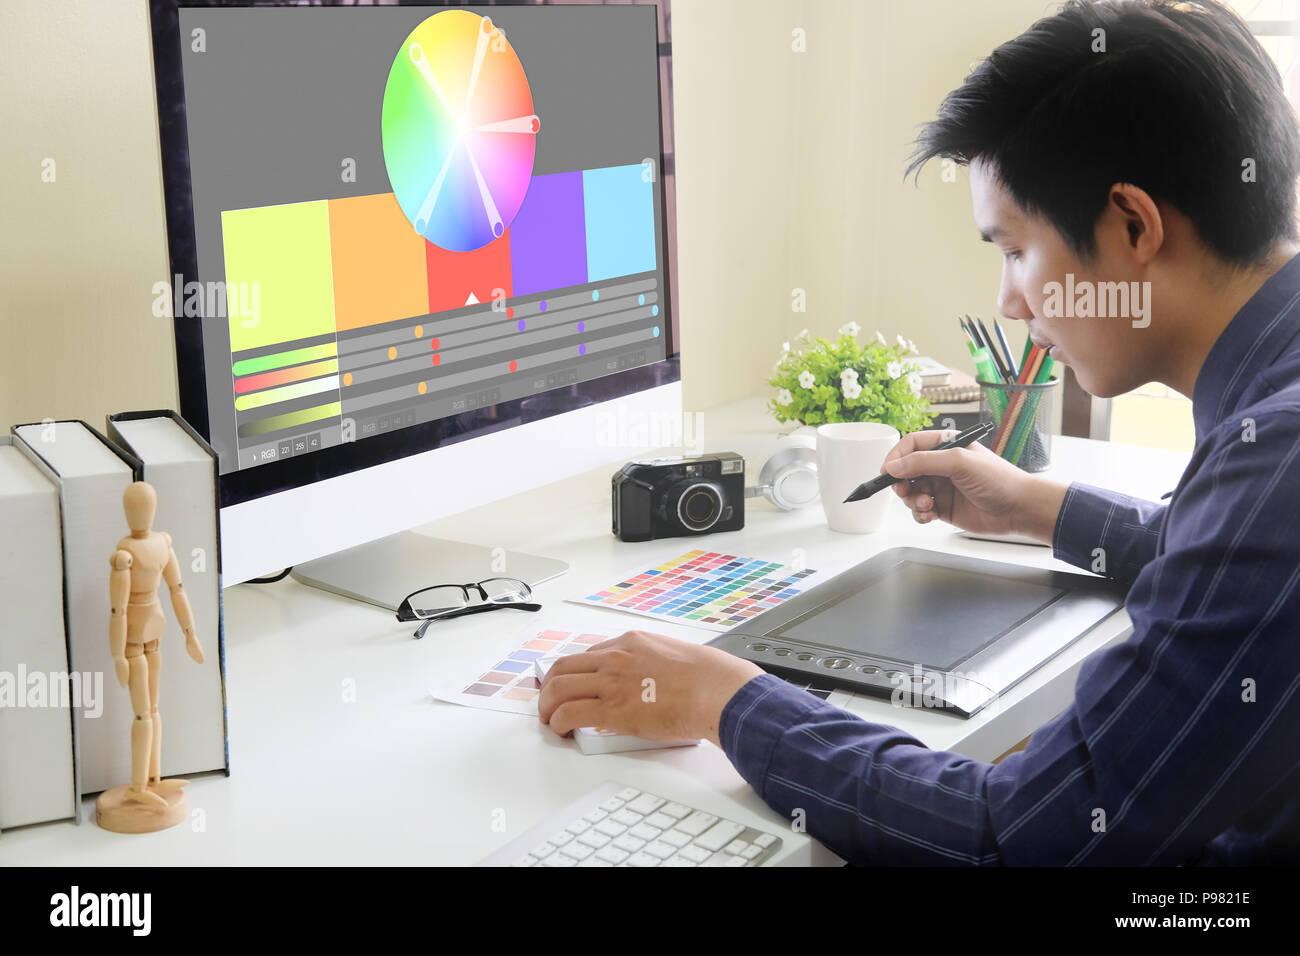 Diseñador gráfico que trabaja en tableta digital en el lugar de trabajo creativo. Foto de stock